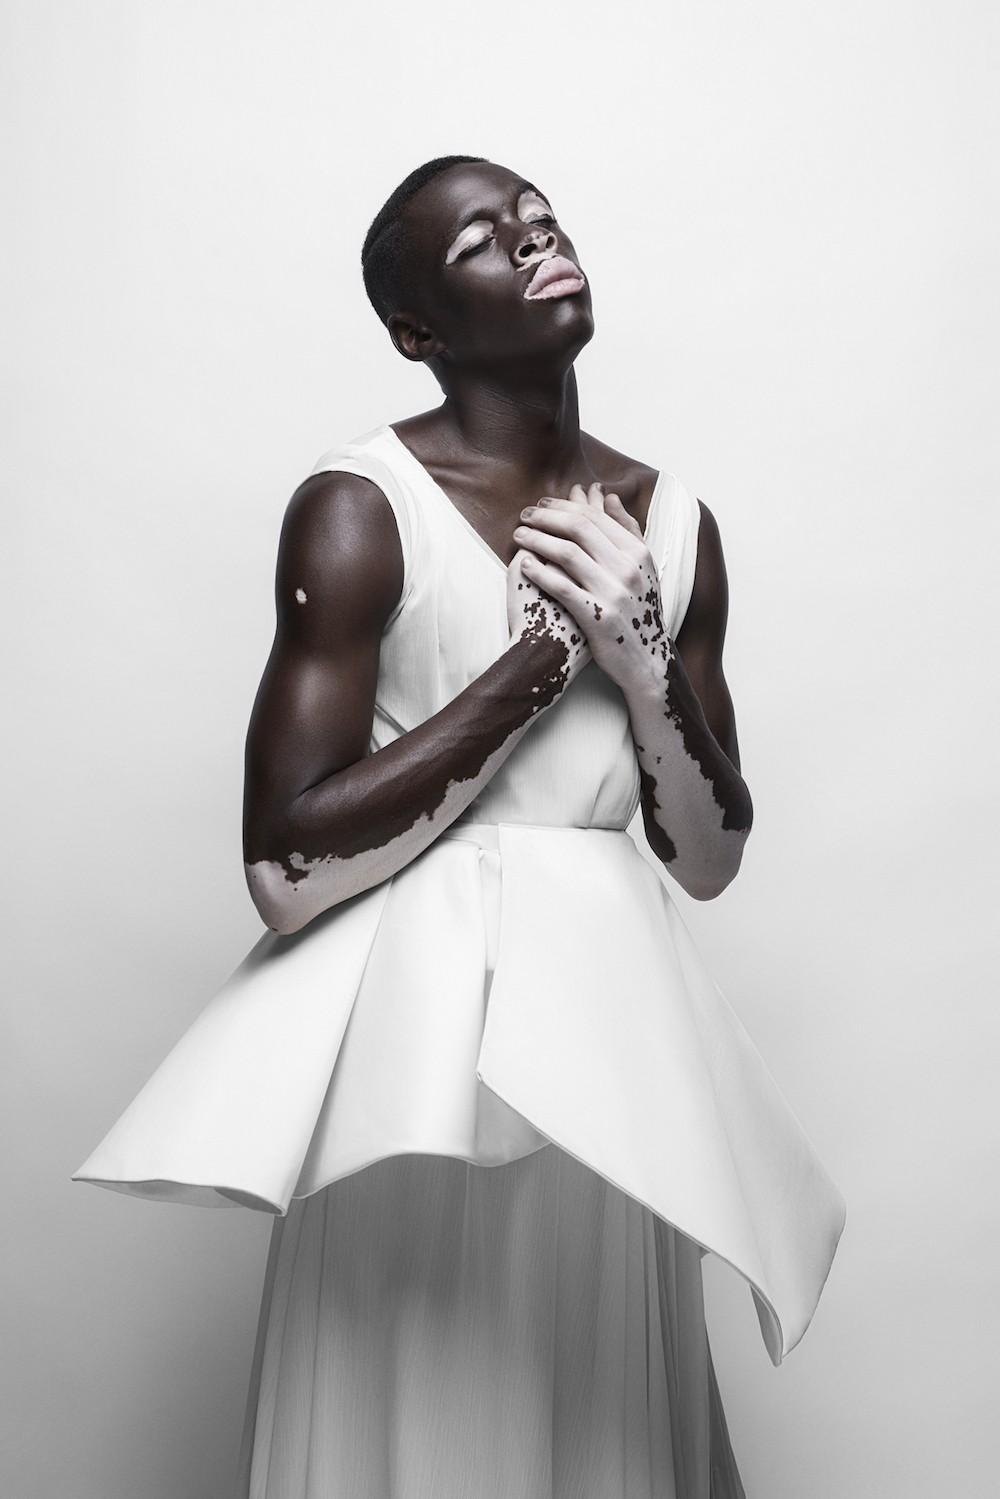 Moostapha Saidi Justin Dingwall  vitiligo